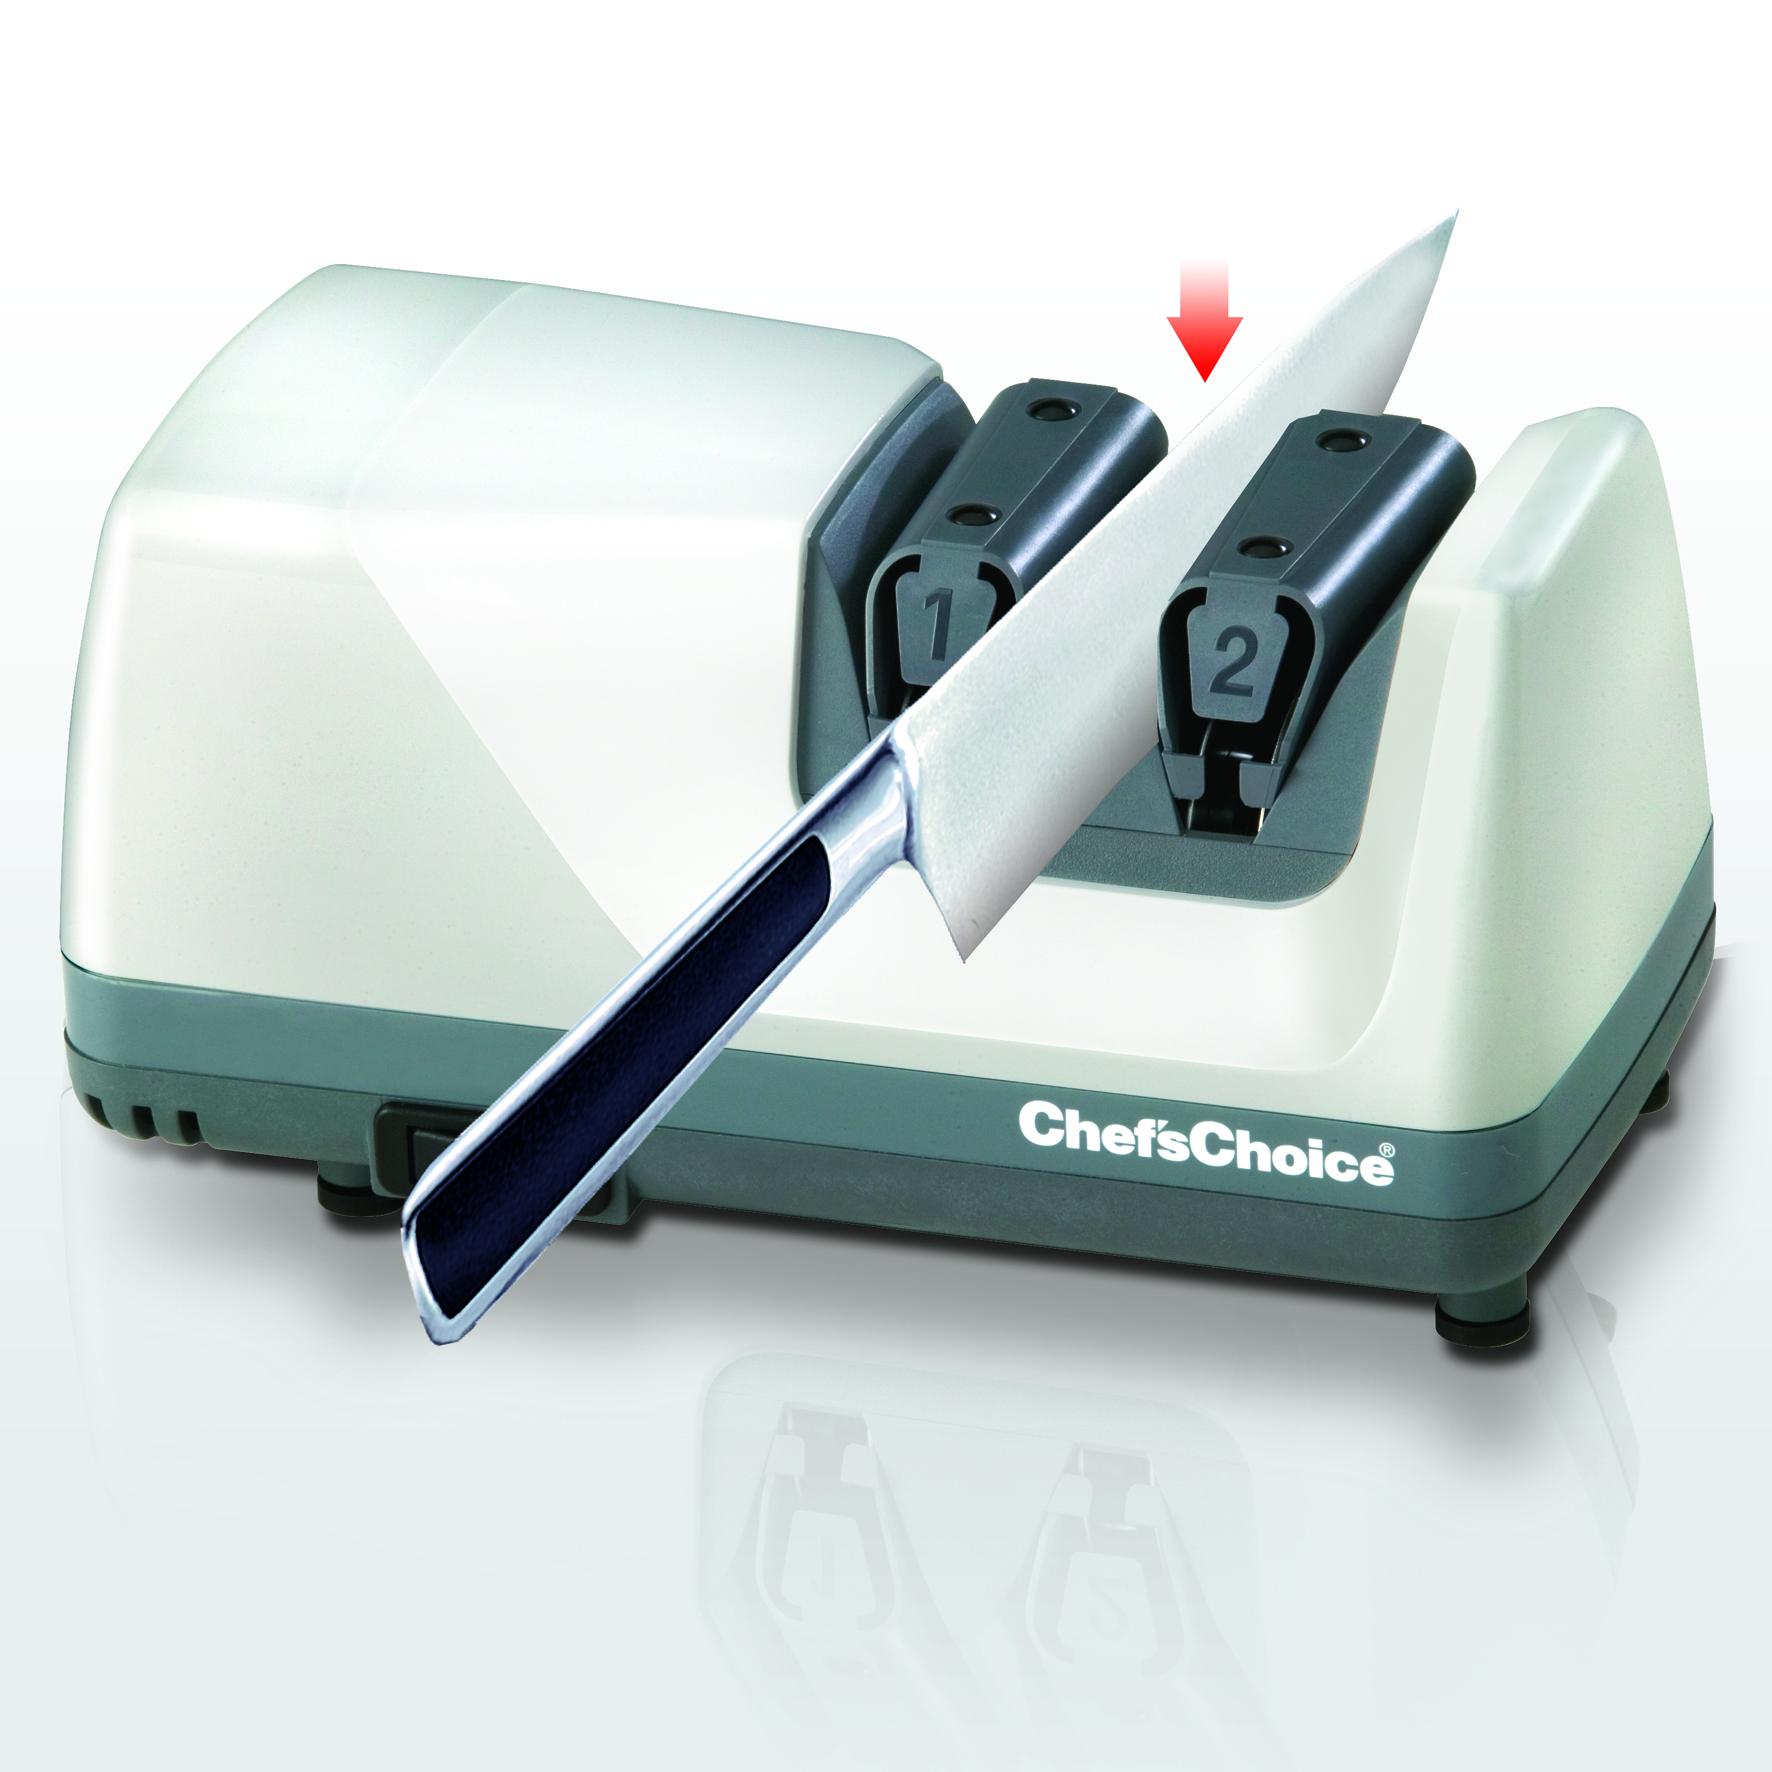 ChefsChoice 312 motoros késélező második, polírozó fázis